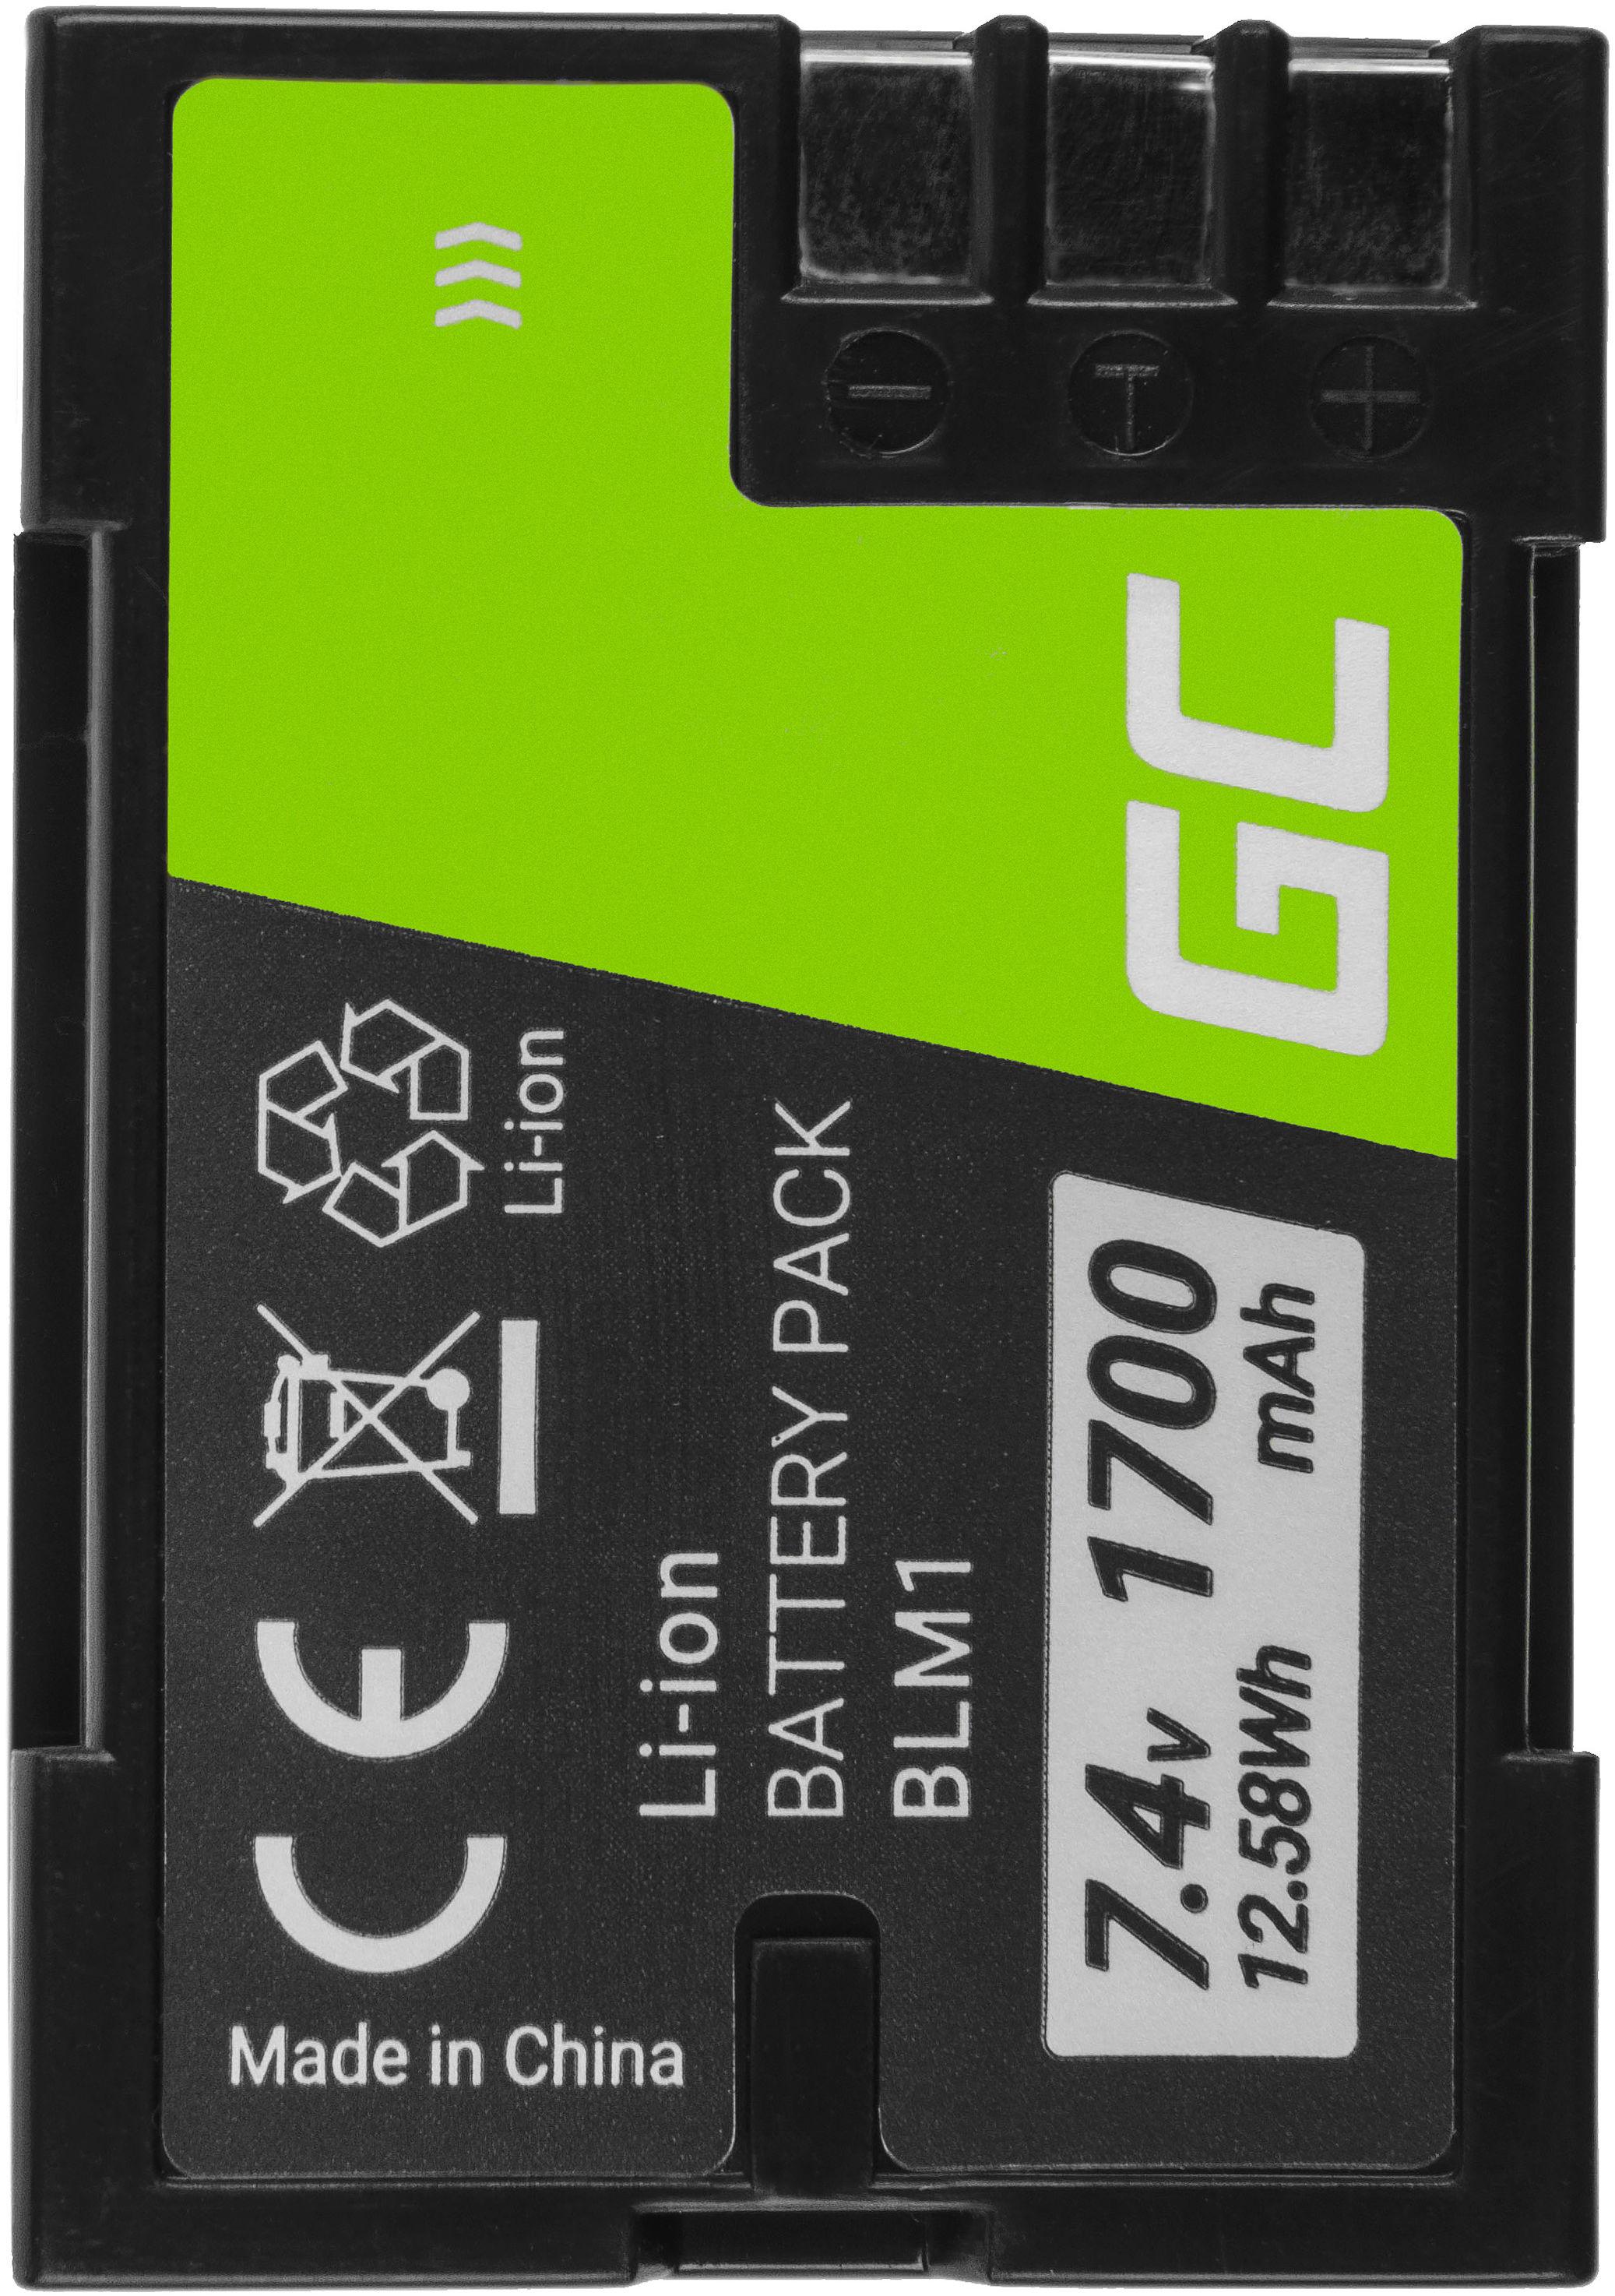 Akumulator Bateria Green Cell  BLM-1 do Olympus Evolt E-1 E-510 E-500 CAMEDIA C-5060 C-7070 C-8080 Wide Zoom, 7.4V 1700mAh